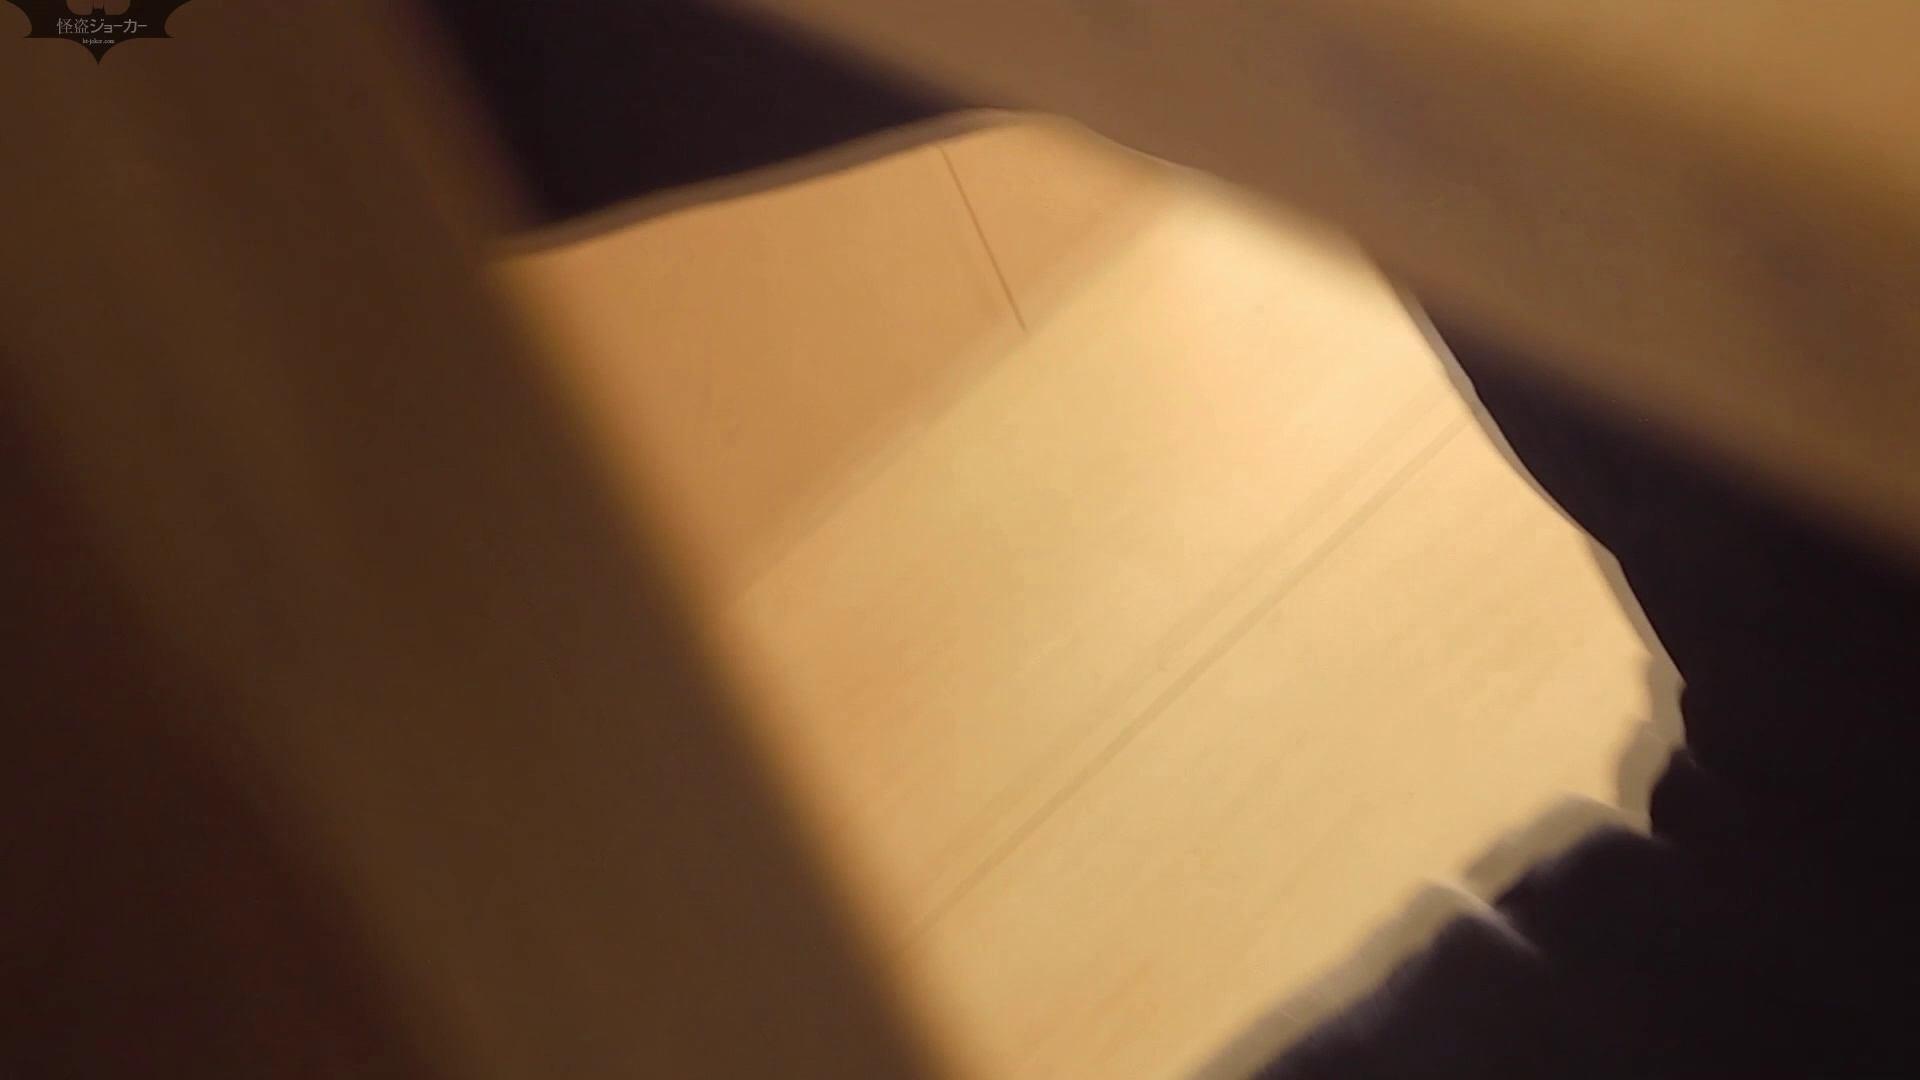 阿国ちゃんの和式洋式七変化 Vol.24 すっごくピクピクしてます。 丸見え すけべAV動画紹介 89枚 80